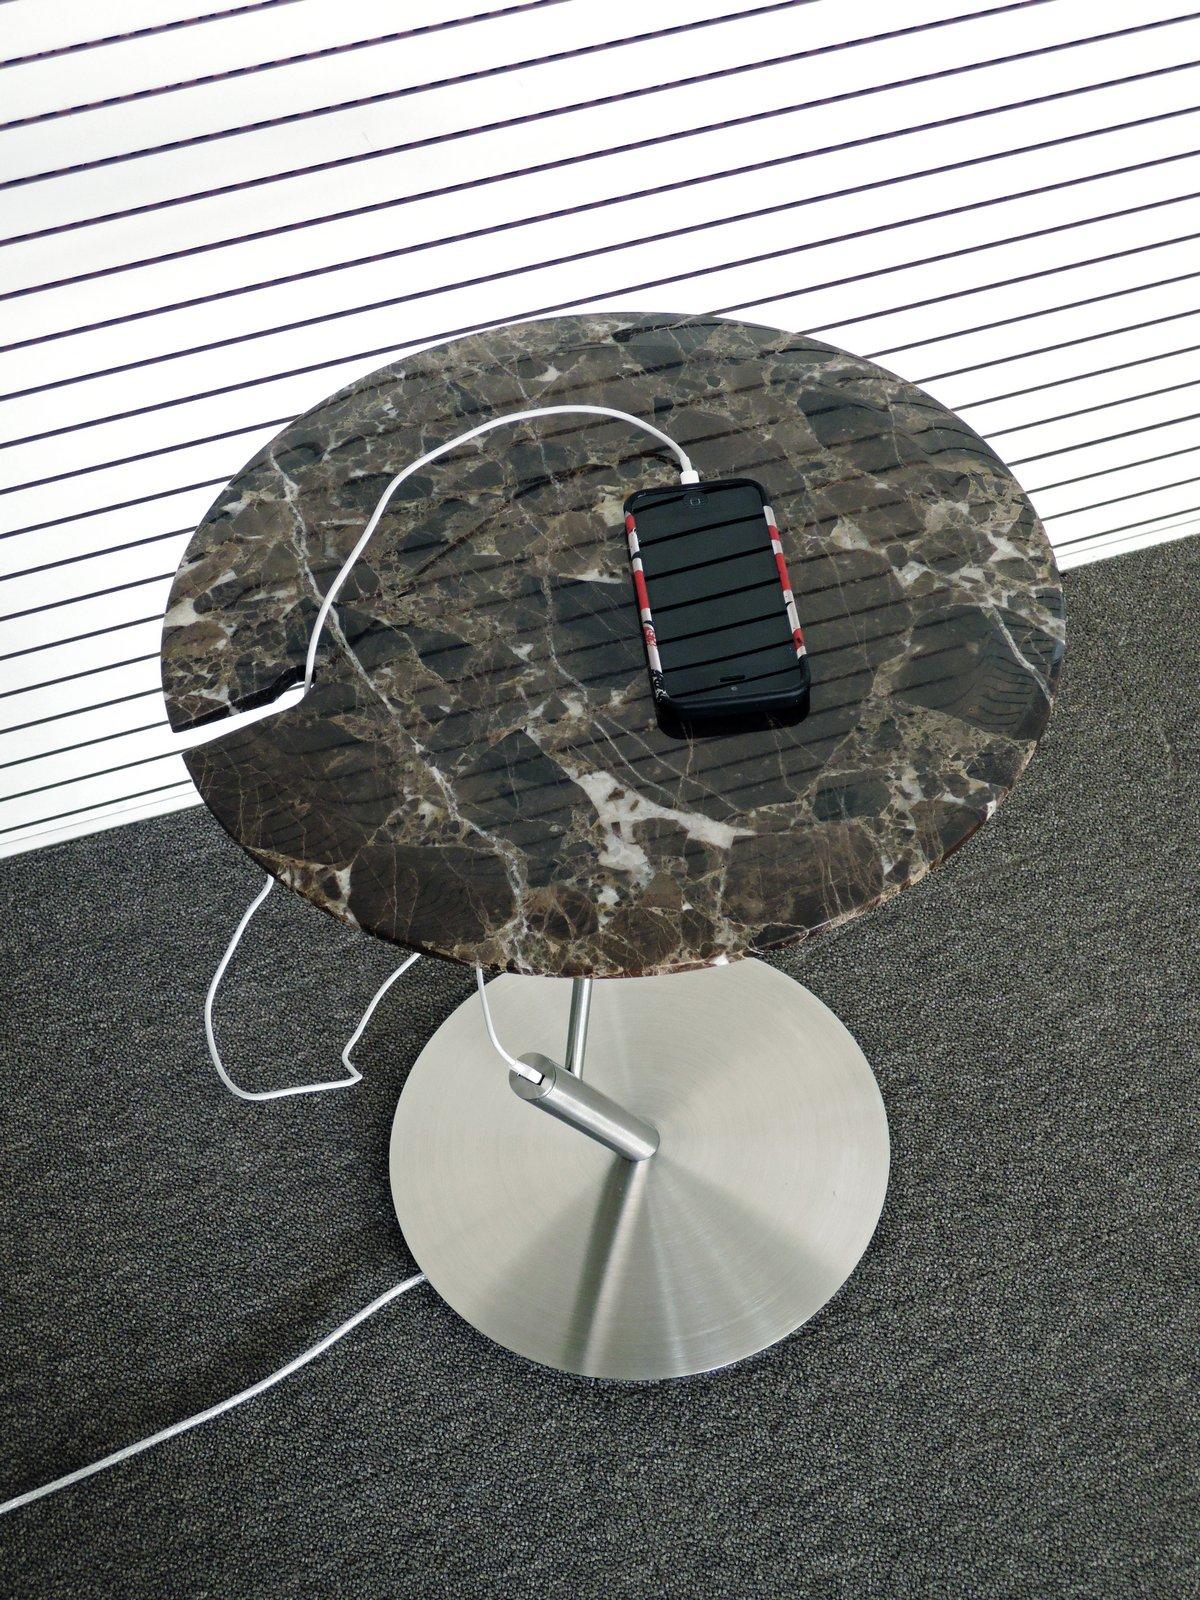 Обзор столик для ноутбука, дизайнер Леонид Лозбенко, lllooch, испанский мрамор Emperador, греческий мрамор Skyros, столик с usb портом